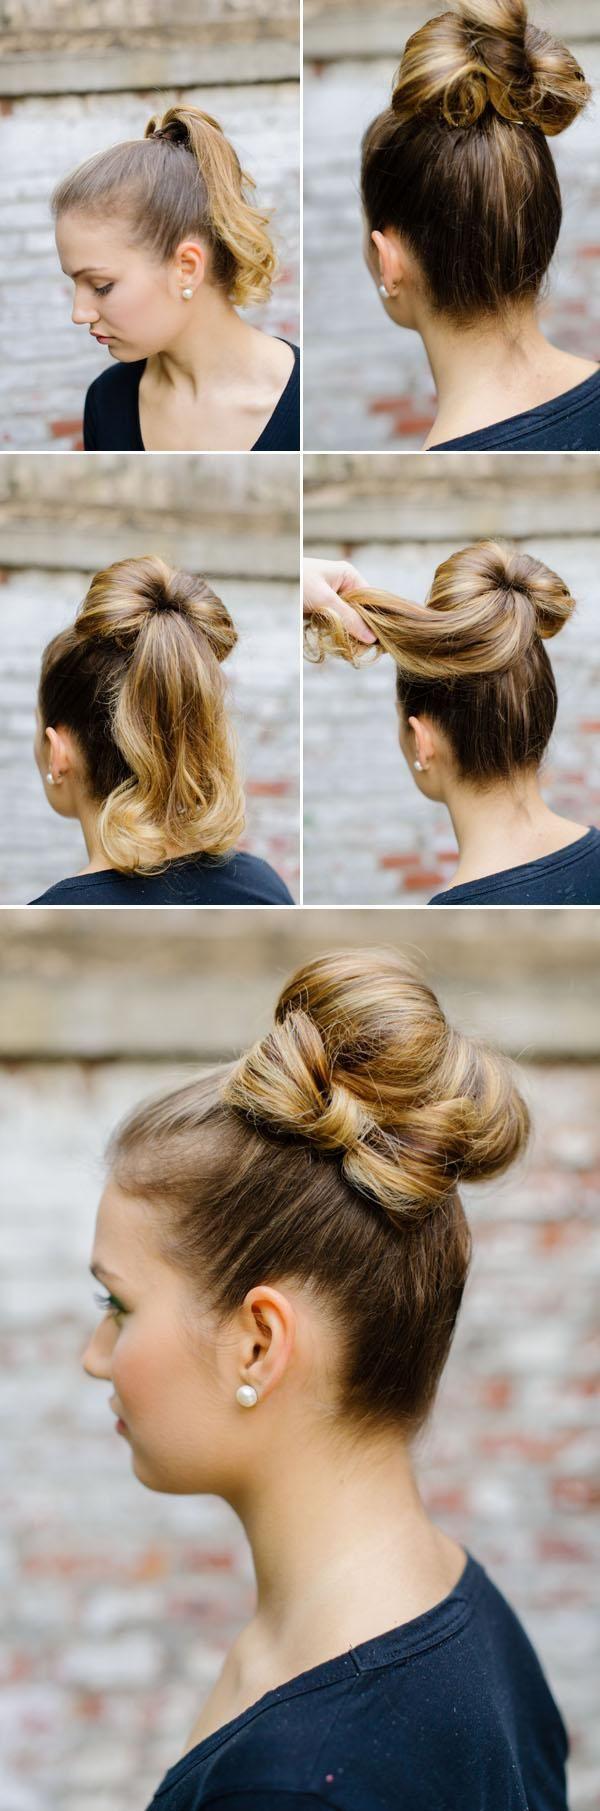 The Best Bow Bun Tutorials Ideas On Pinterest Hair Bow Bun - Hairstyle bun with bow